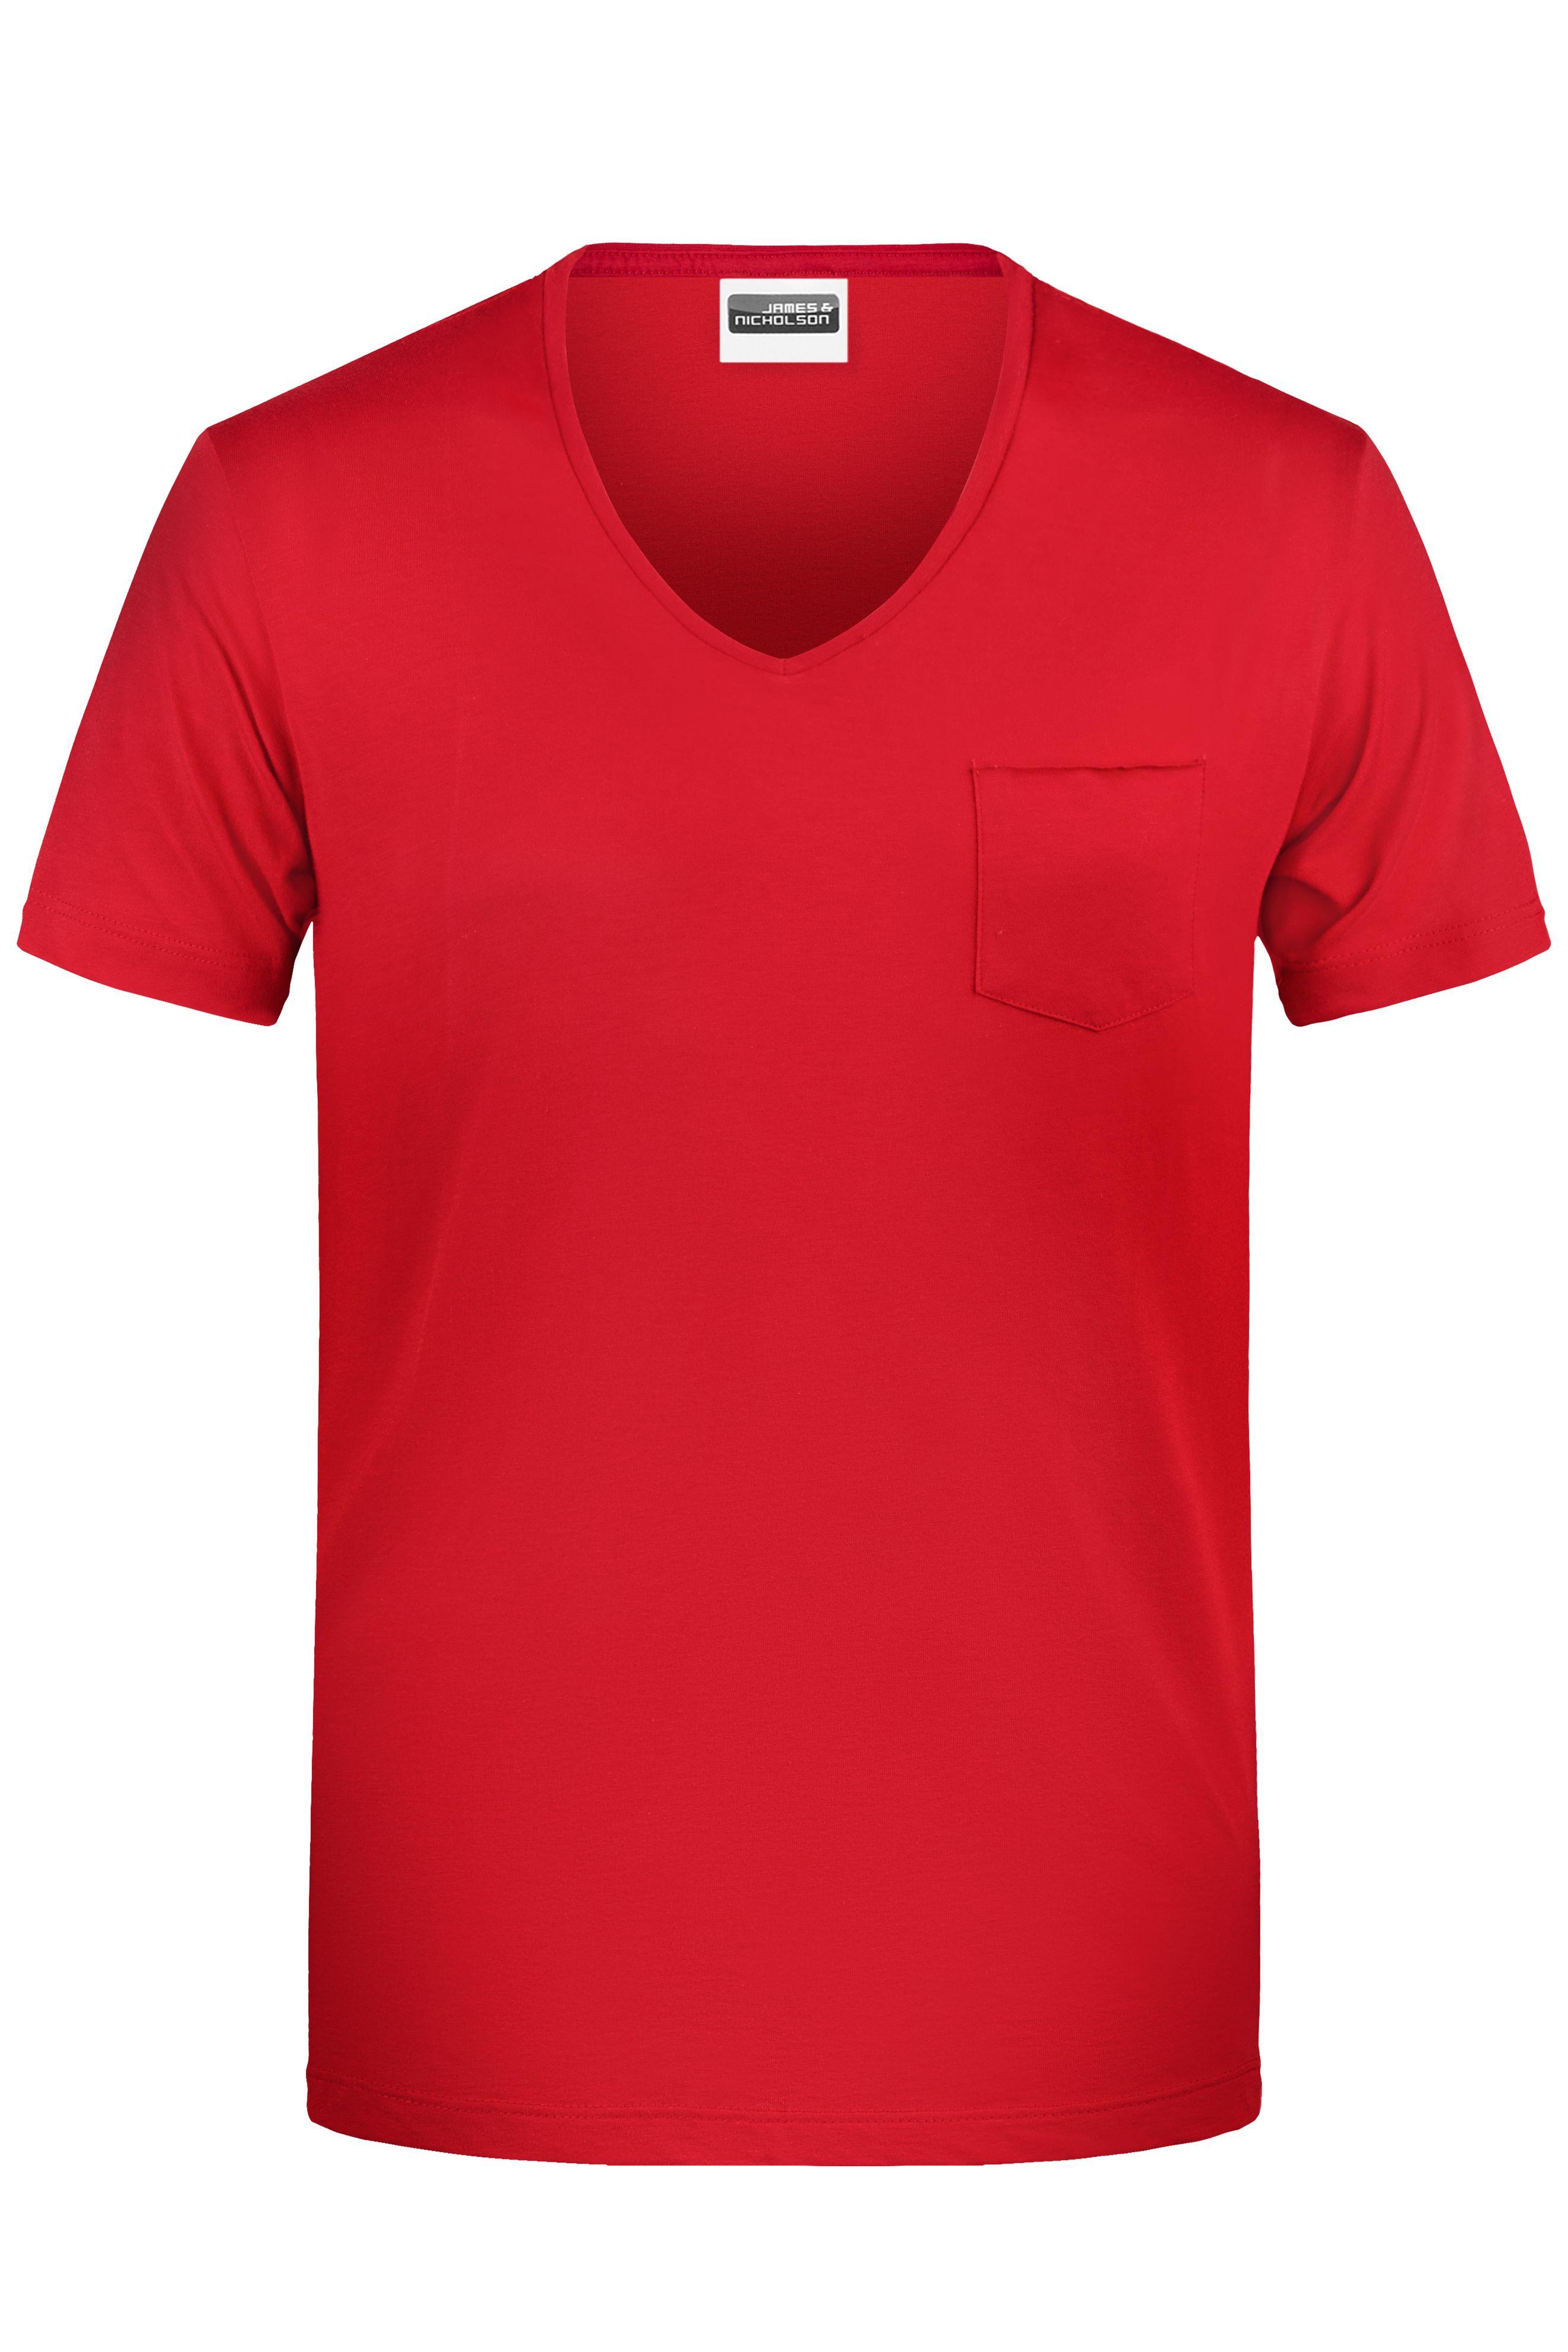 Herren T-Shirt mit modischer Brusttasche